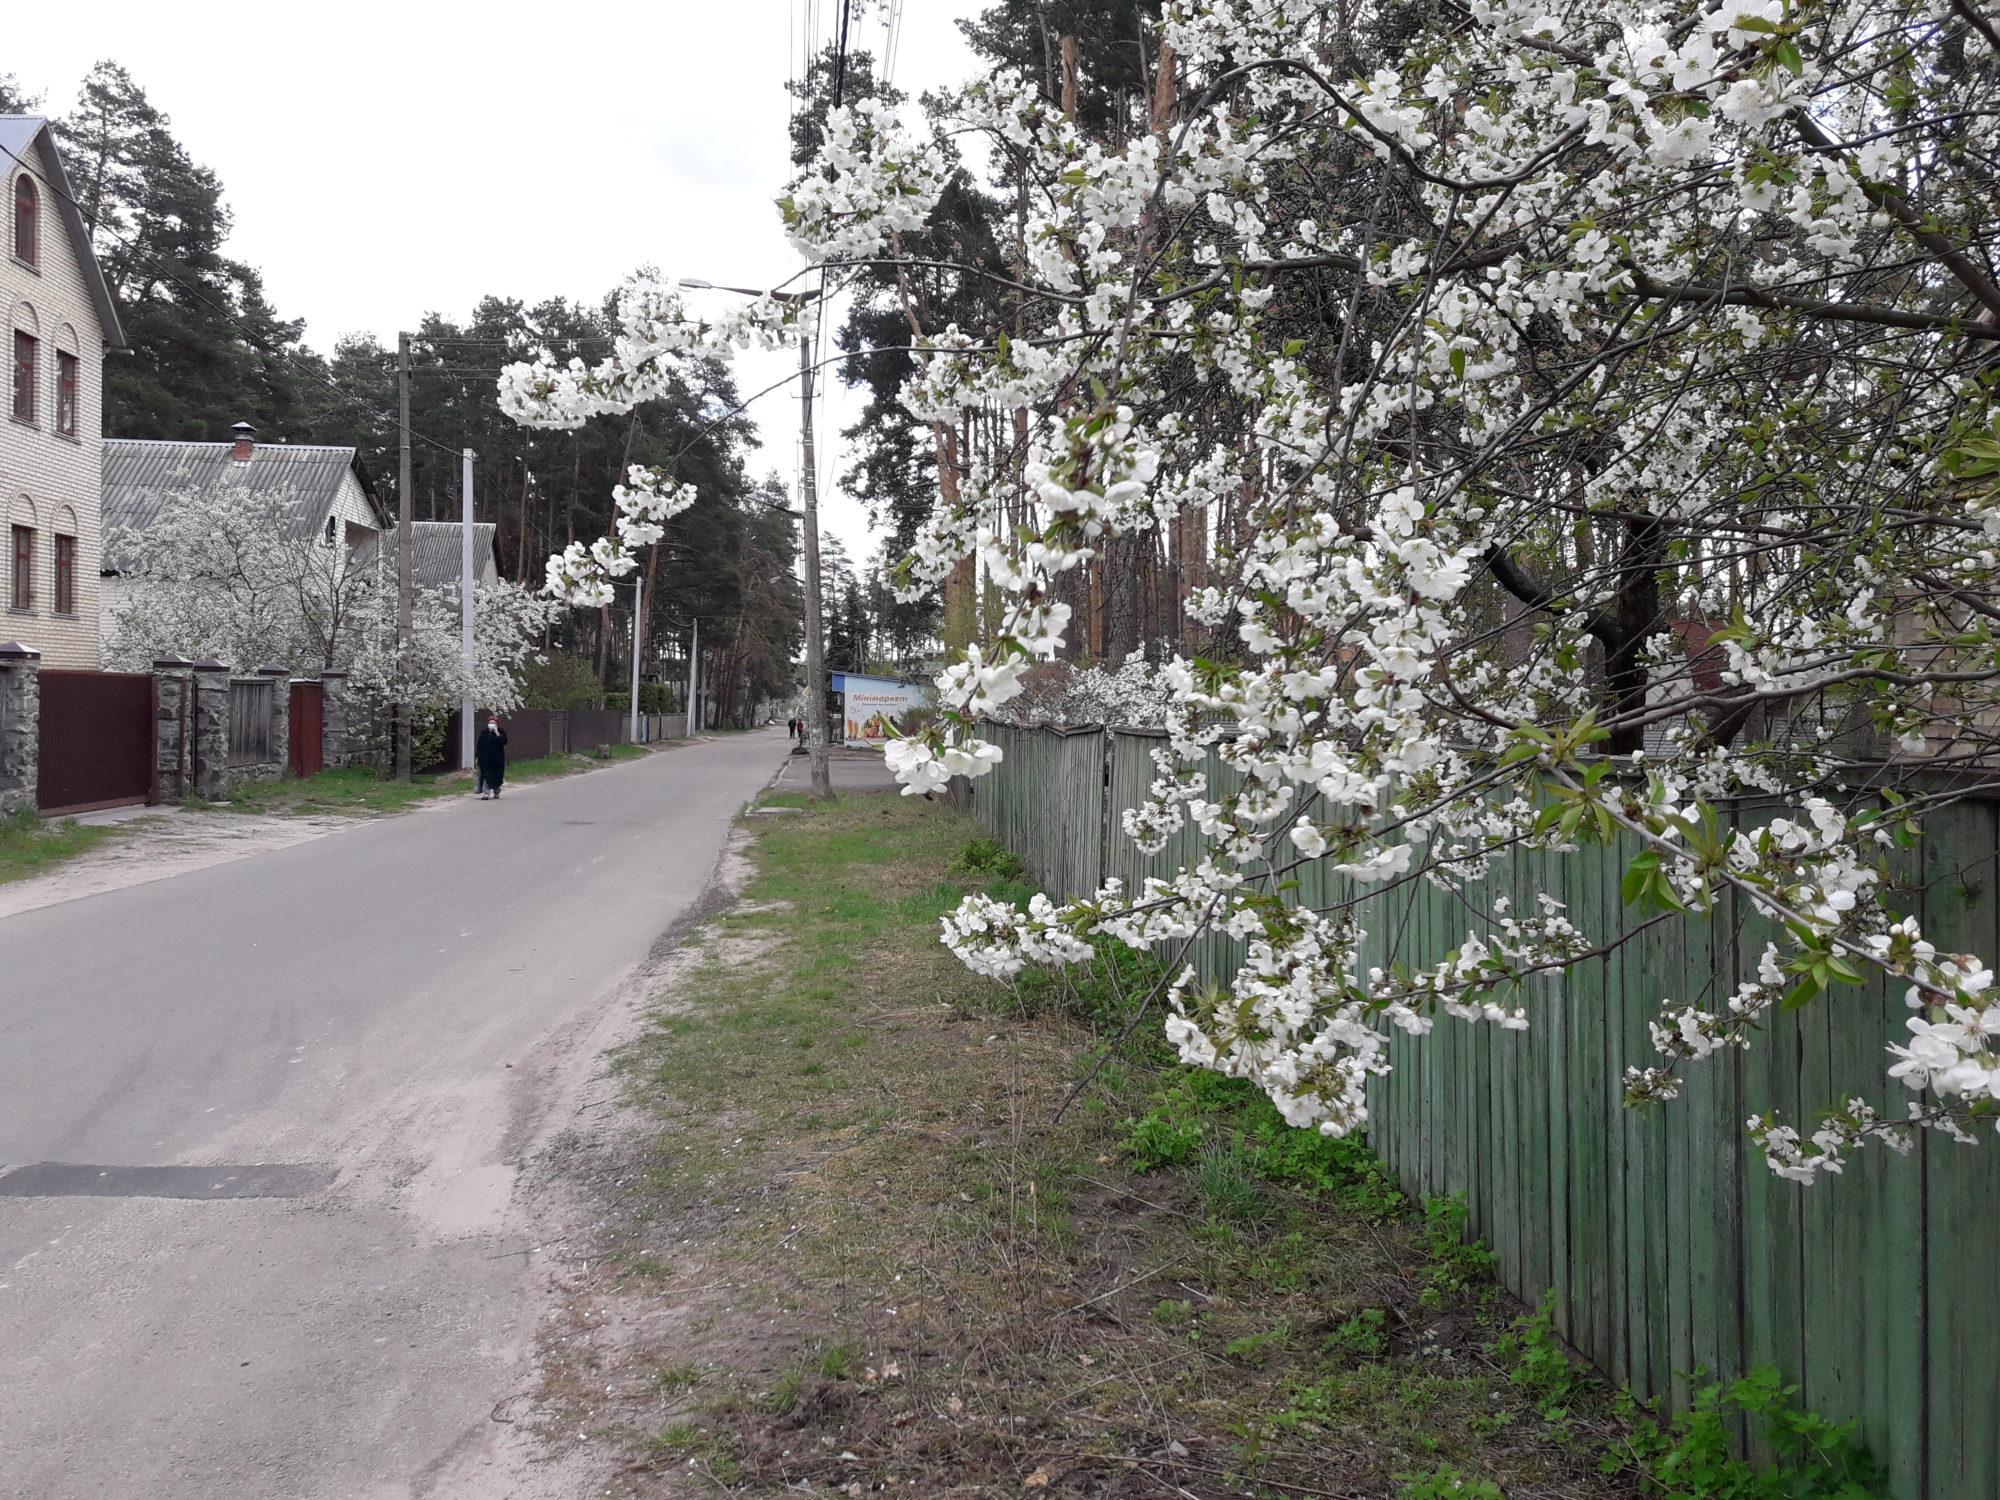 Ірпінь квітне: у місті настає пік цвітіння дерев та кущів (ФОТО) -  - 20200427 123340 2000x1500